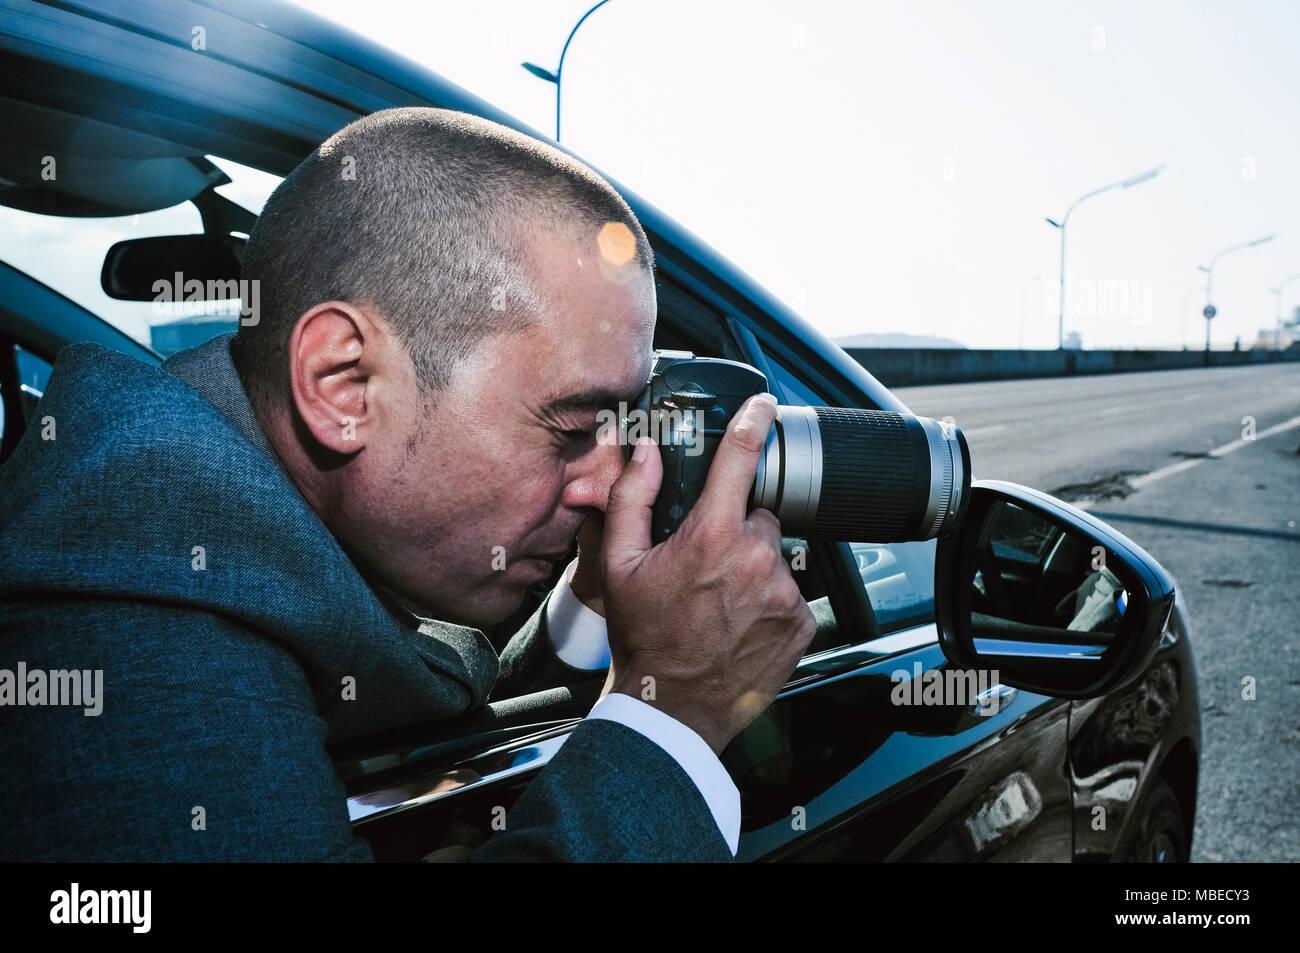 Nahaufnahme eines jungen kaukasischen Detektiv oder Paparazzi Mann, in einem grauen Anzug, Fotos von innen ein Auto Stockbild